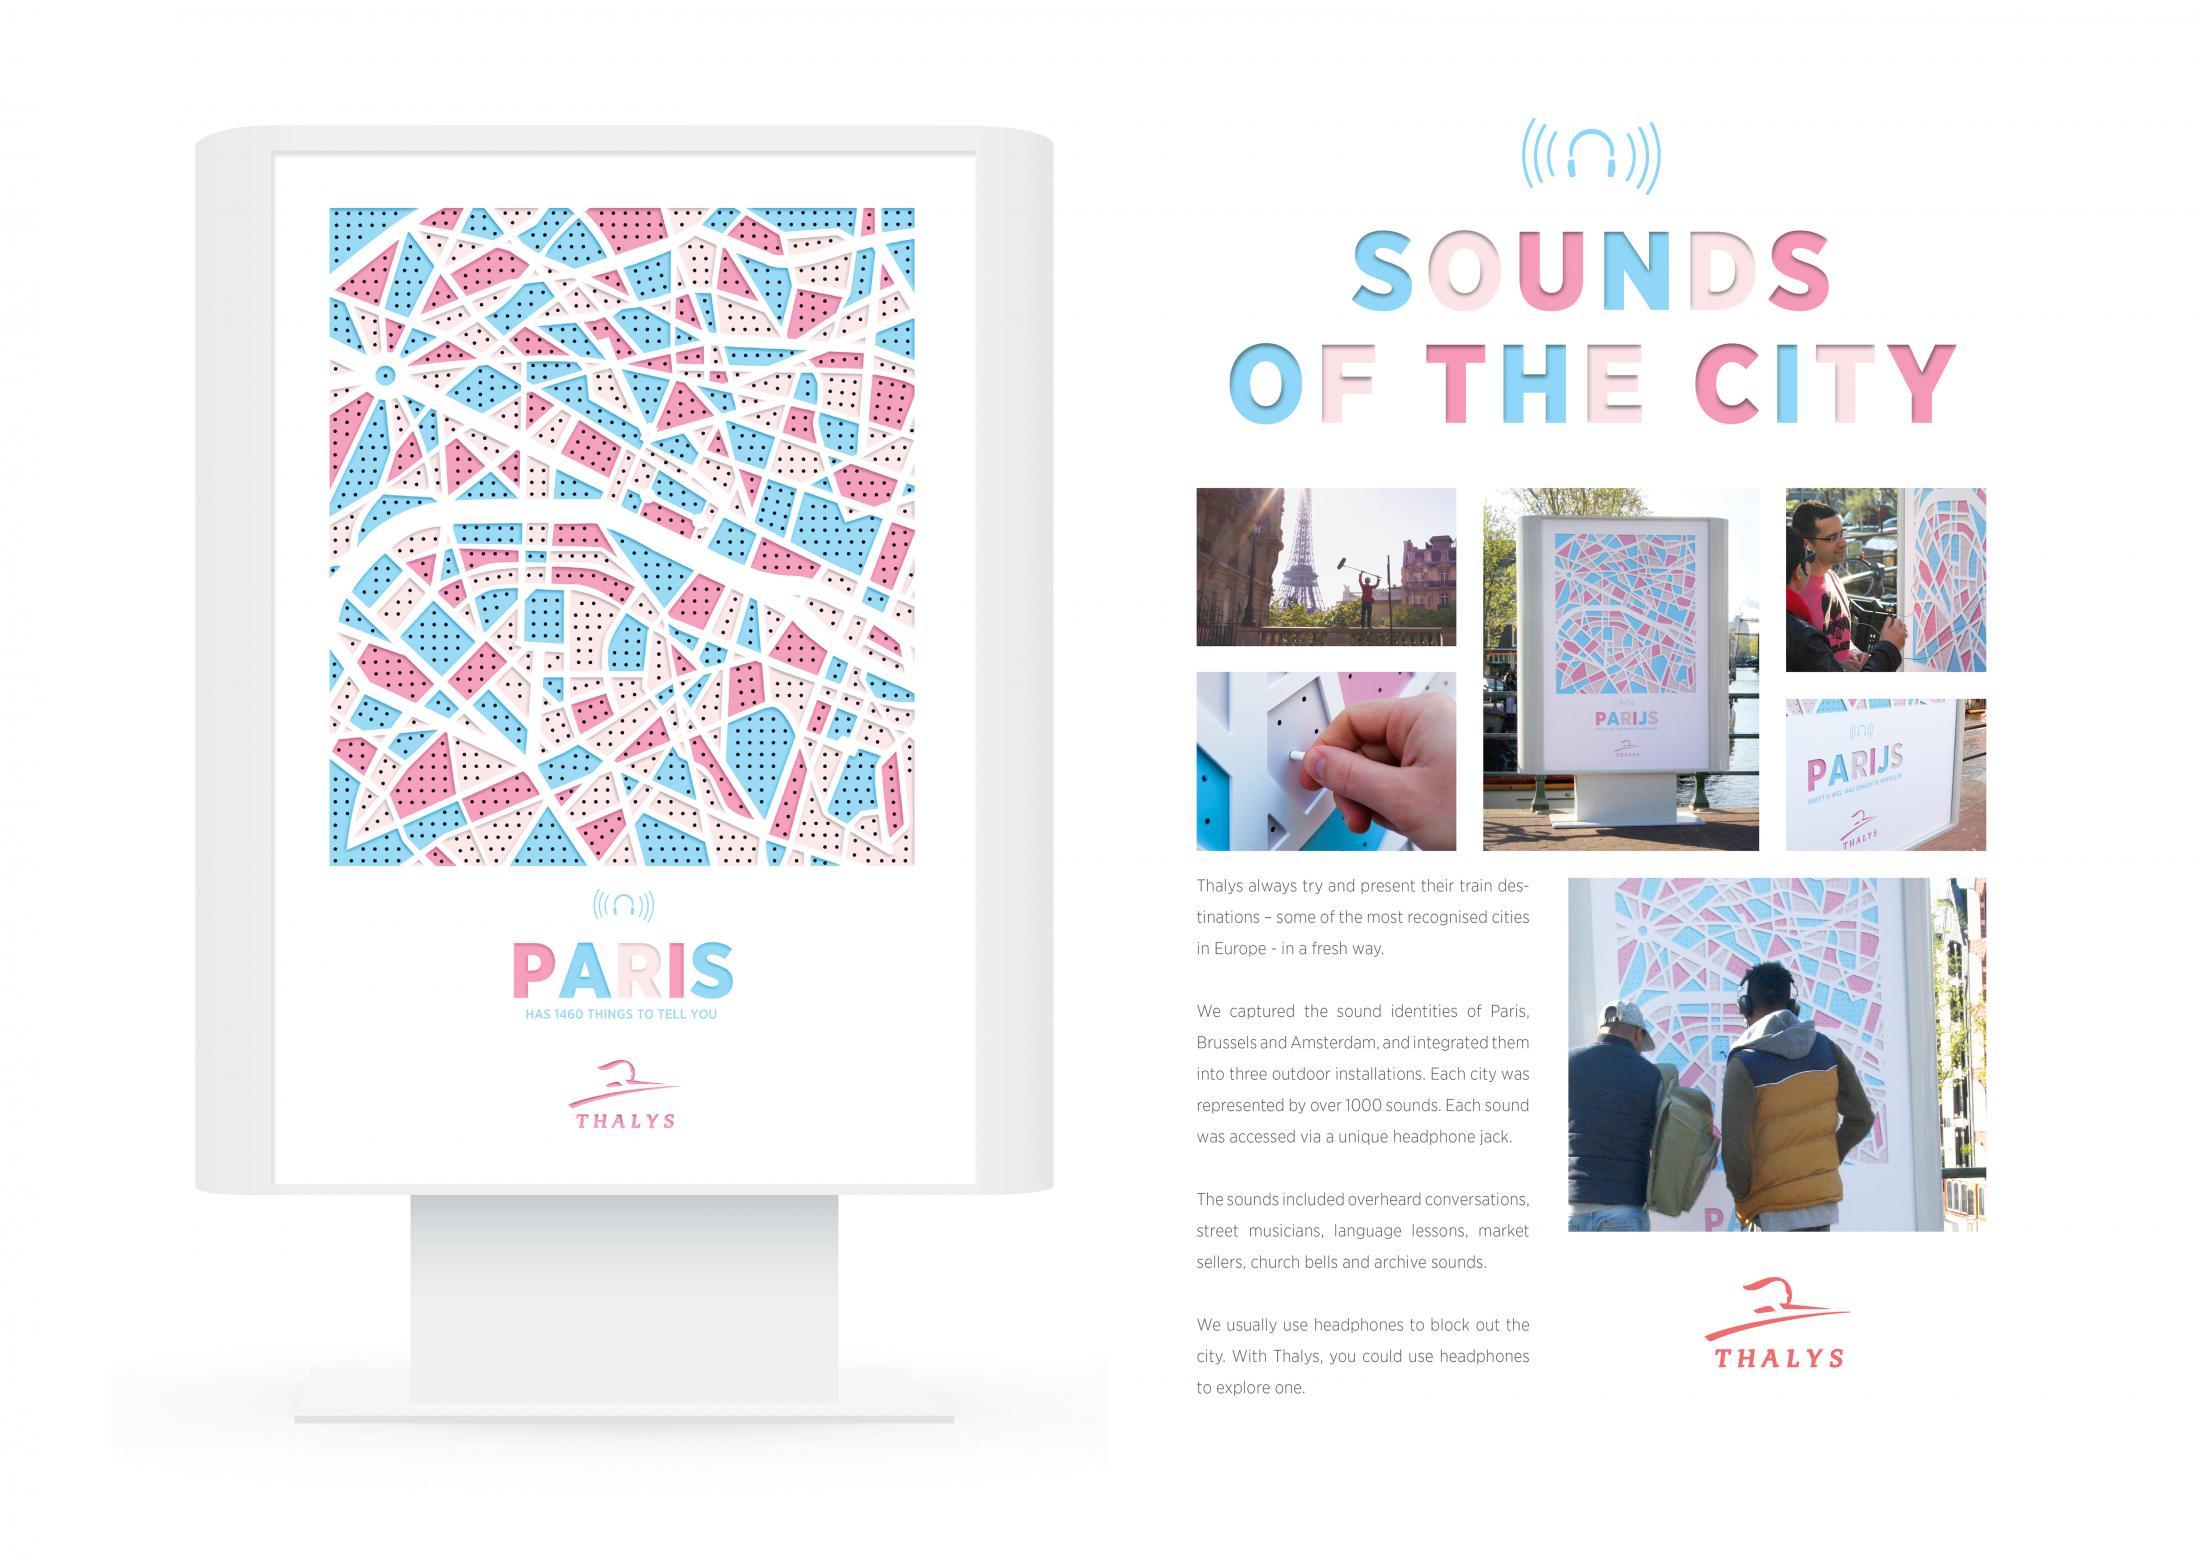 Thumbnail for PARIS